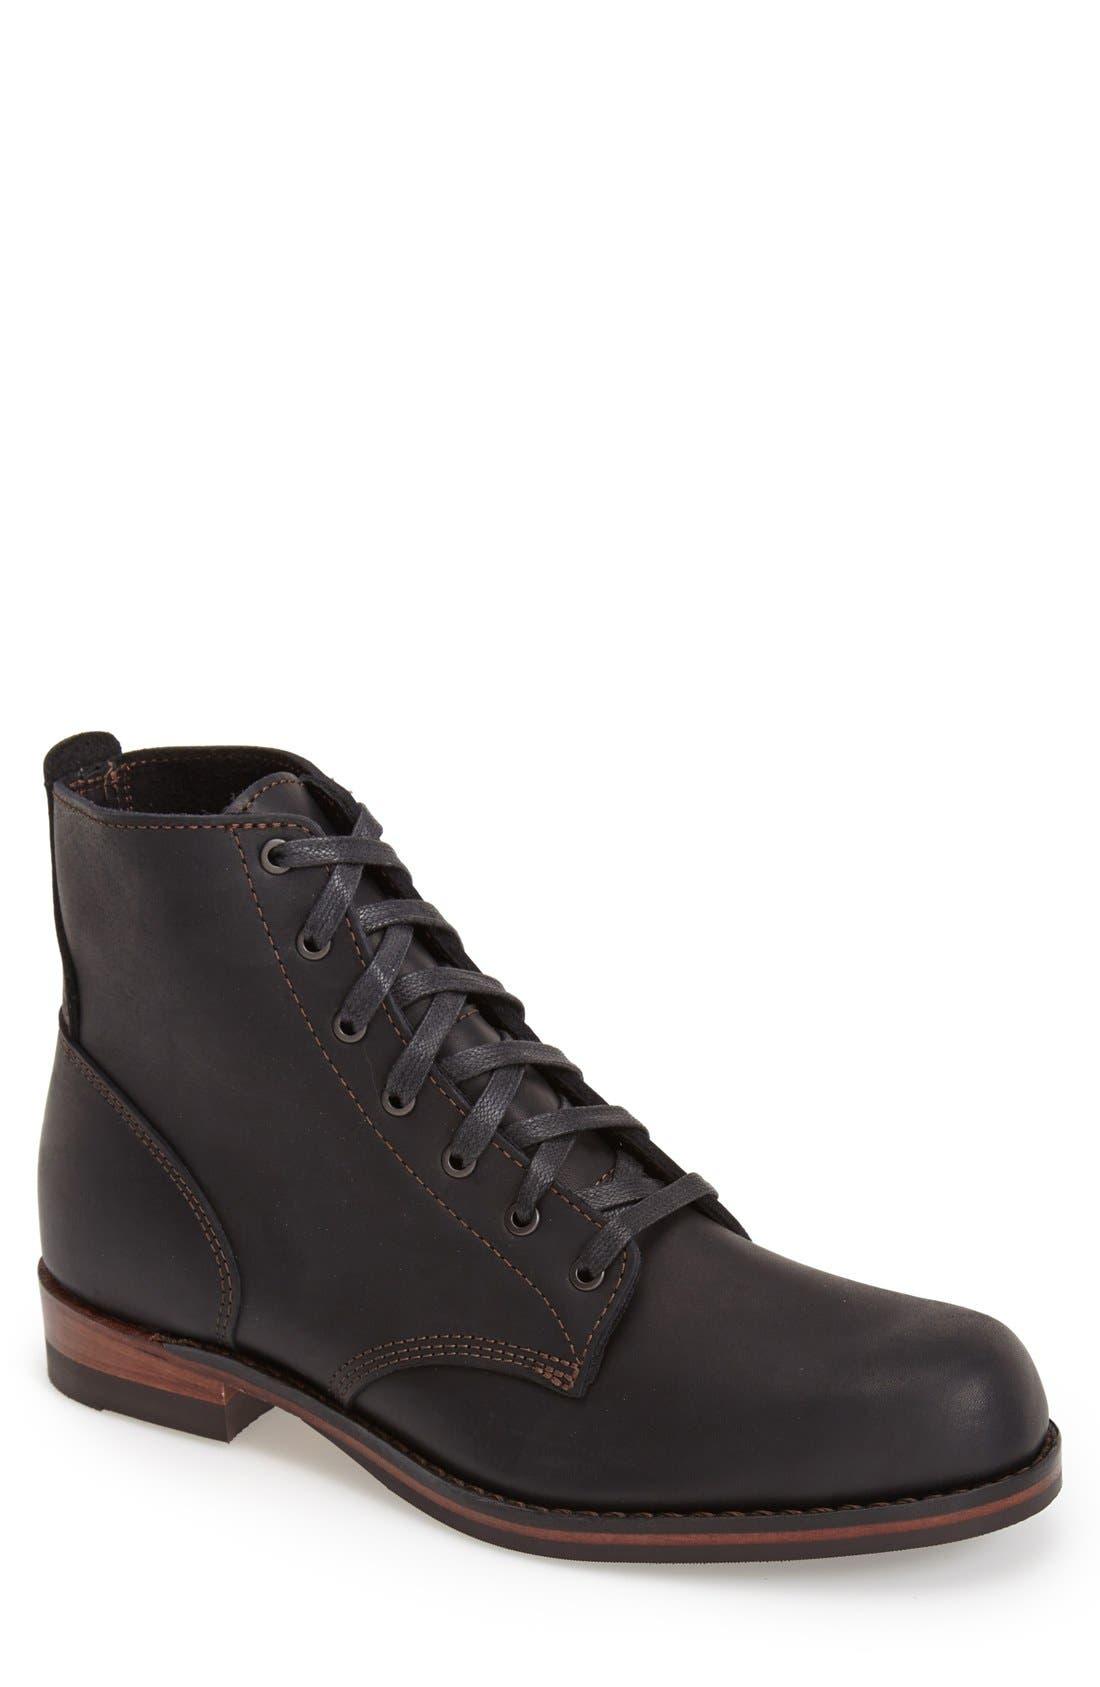 'Williams' Plain Toe Boot, Main, color, 001